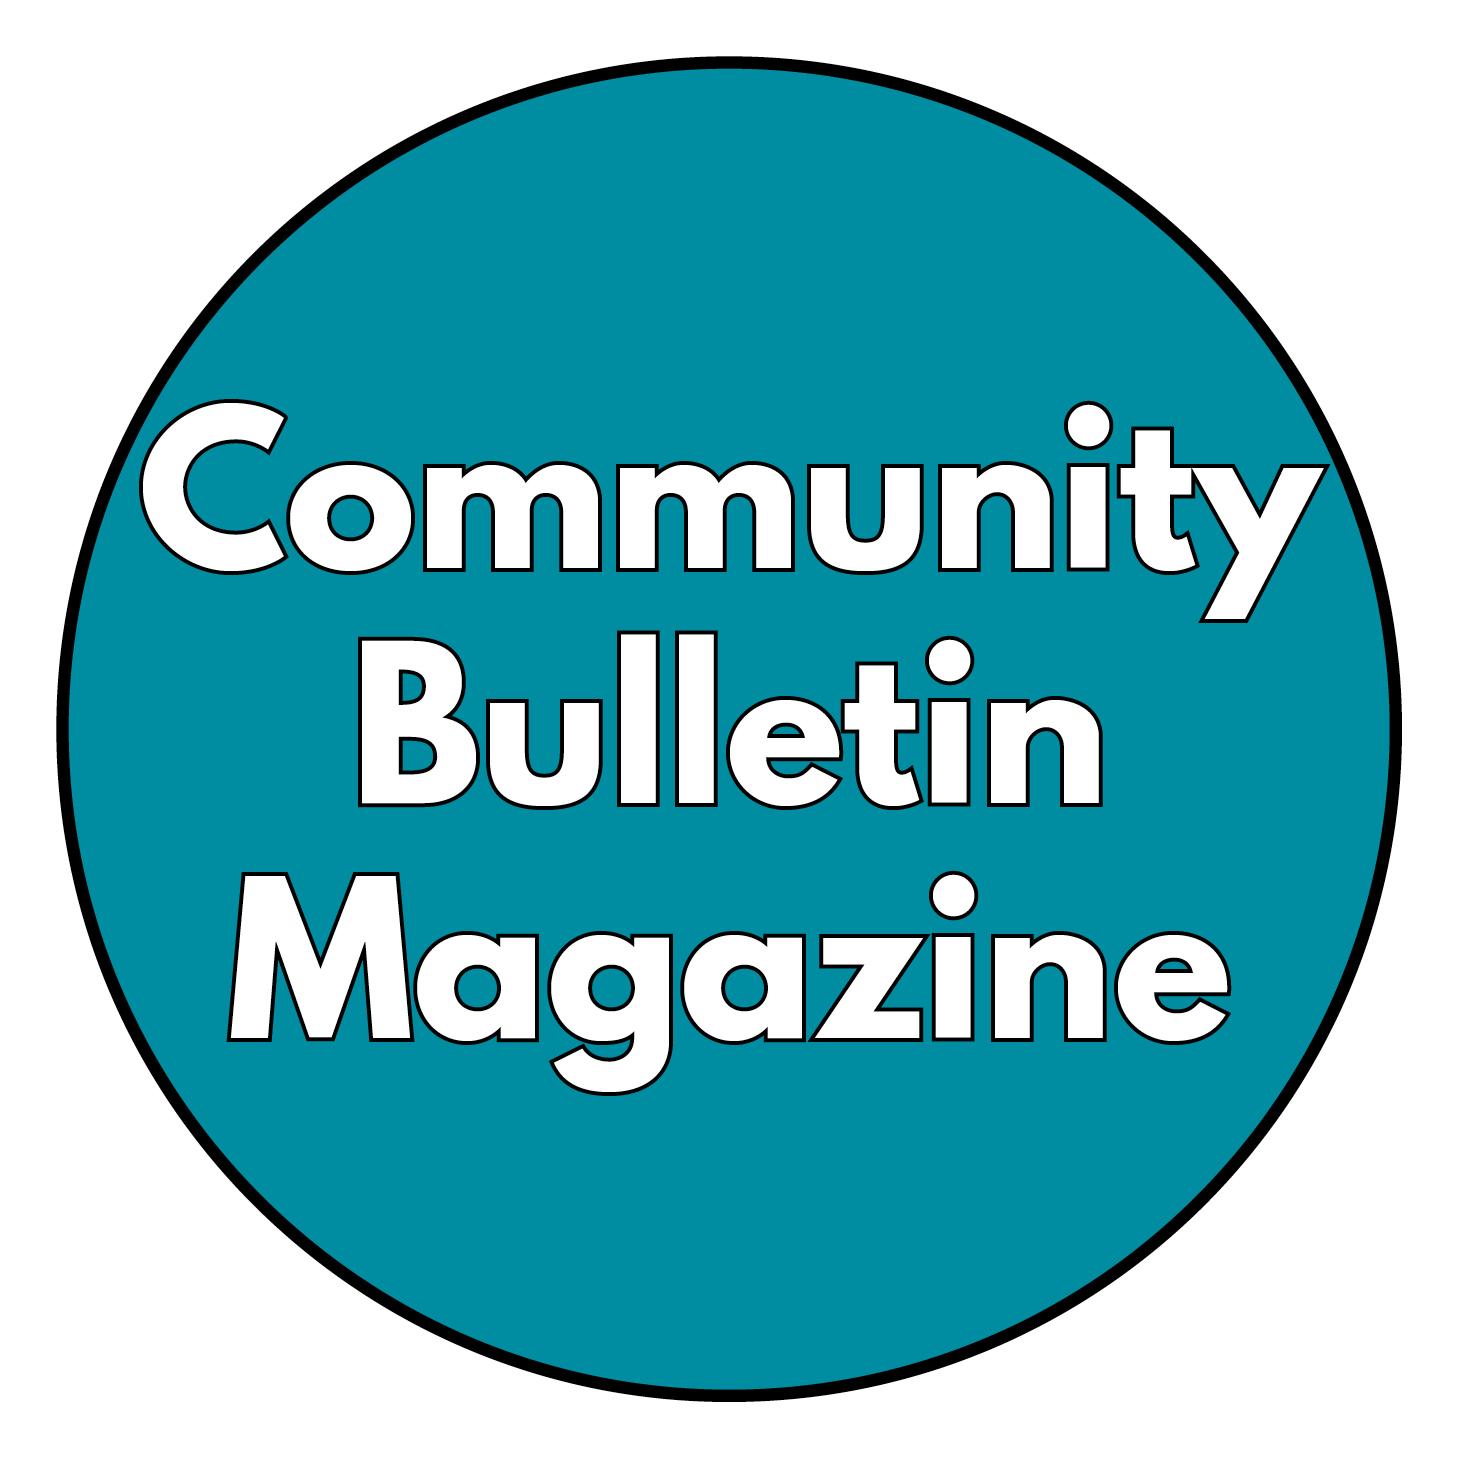 Community Bulletin Magazine.jpg